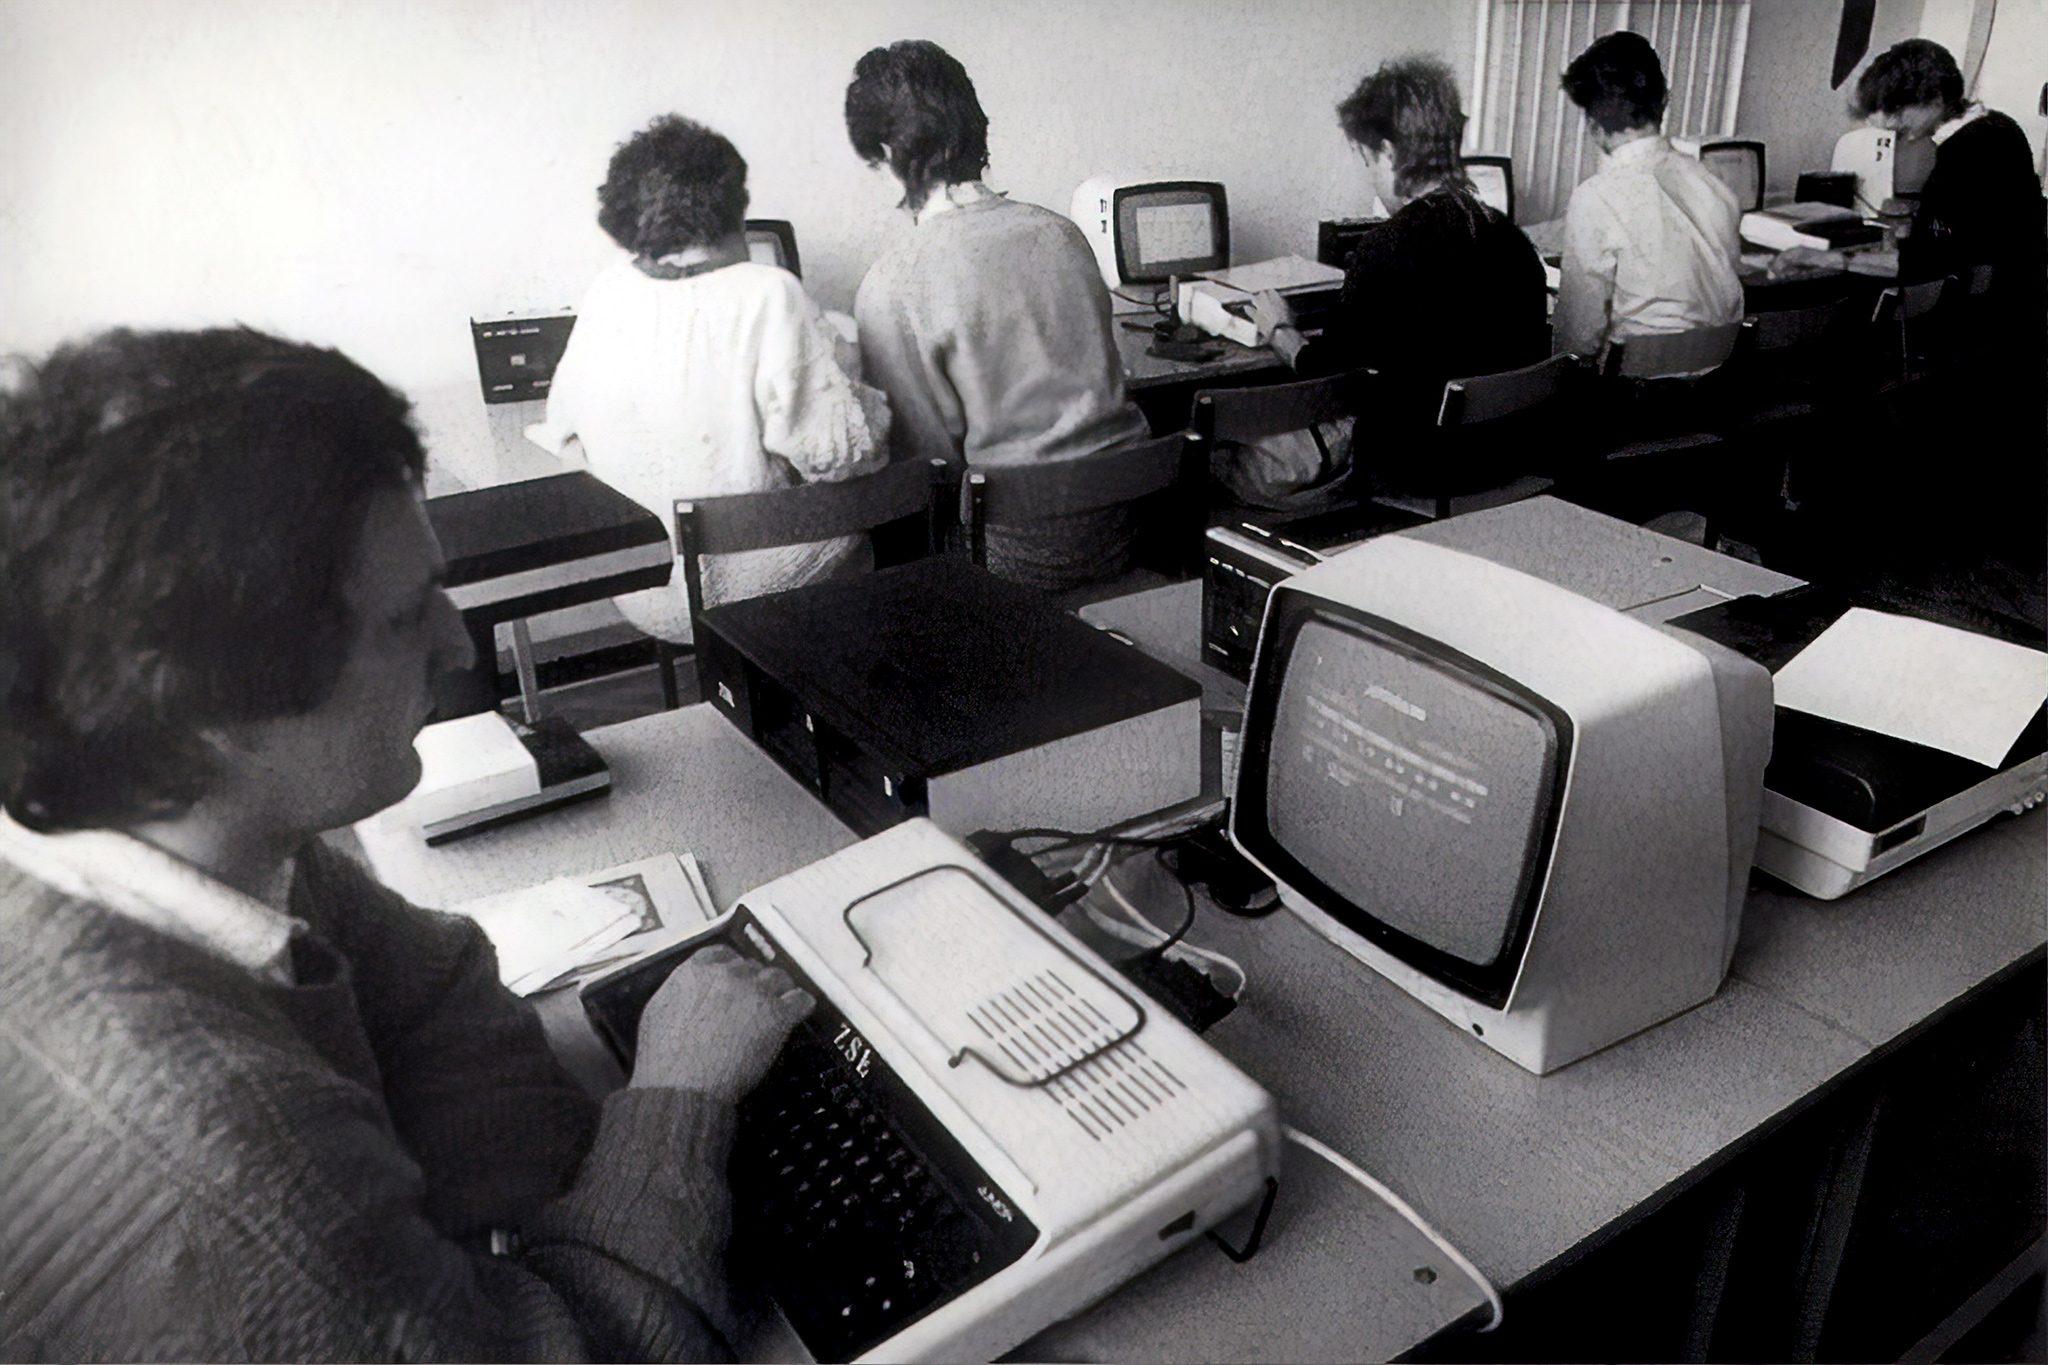 Klasa wyposażona wmikrokomputery ELWRO 800 Junior wewrocławskim Zespole Szkół Łączności